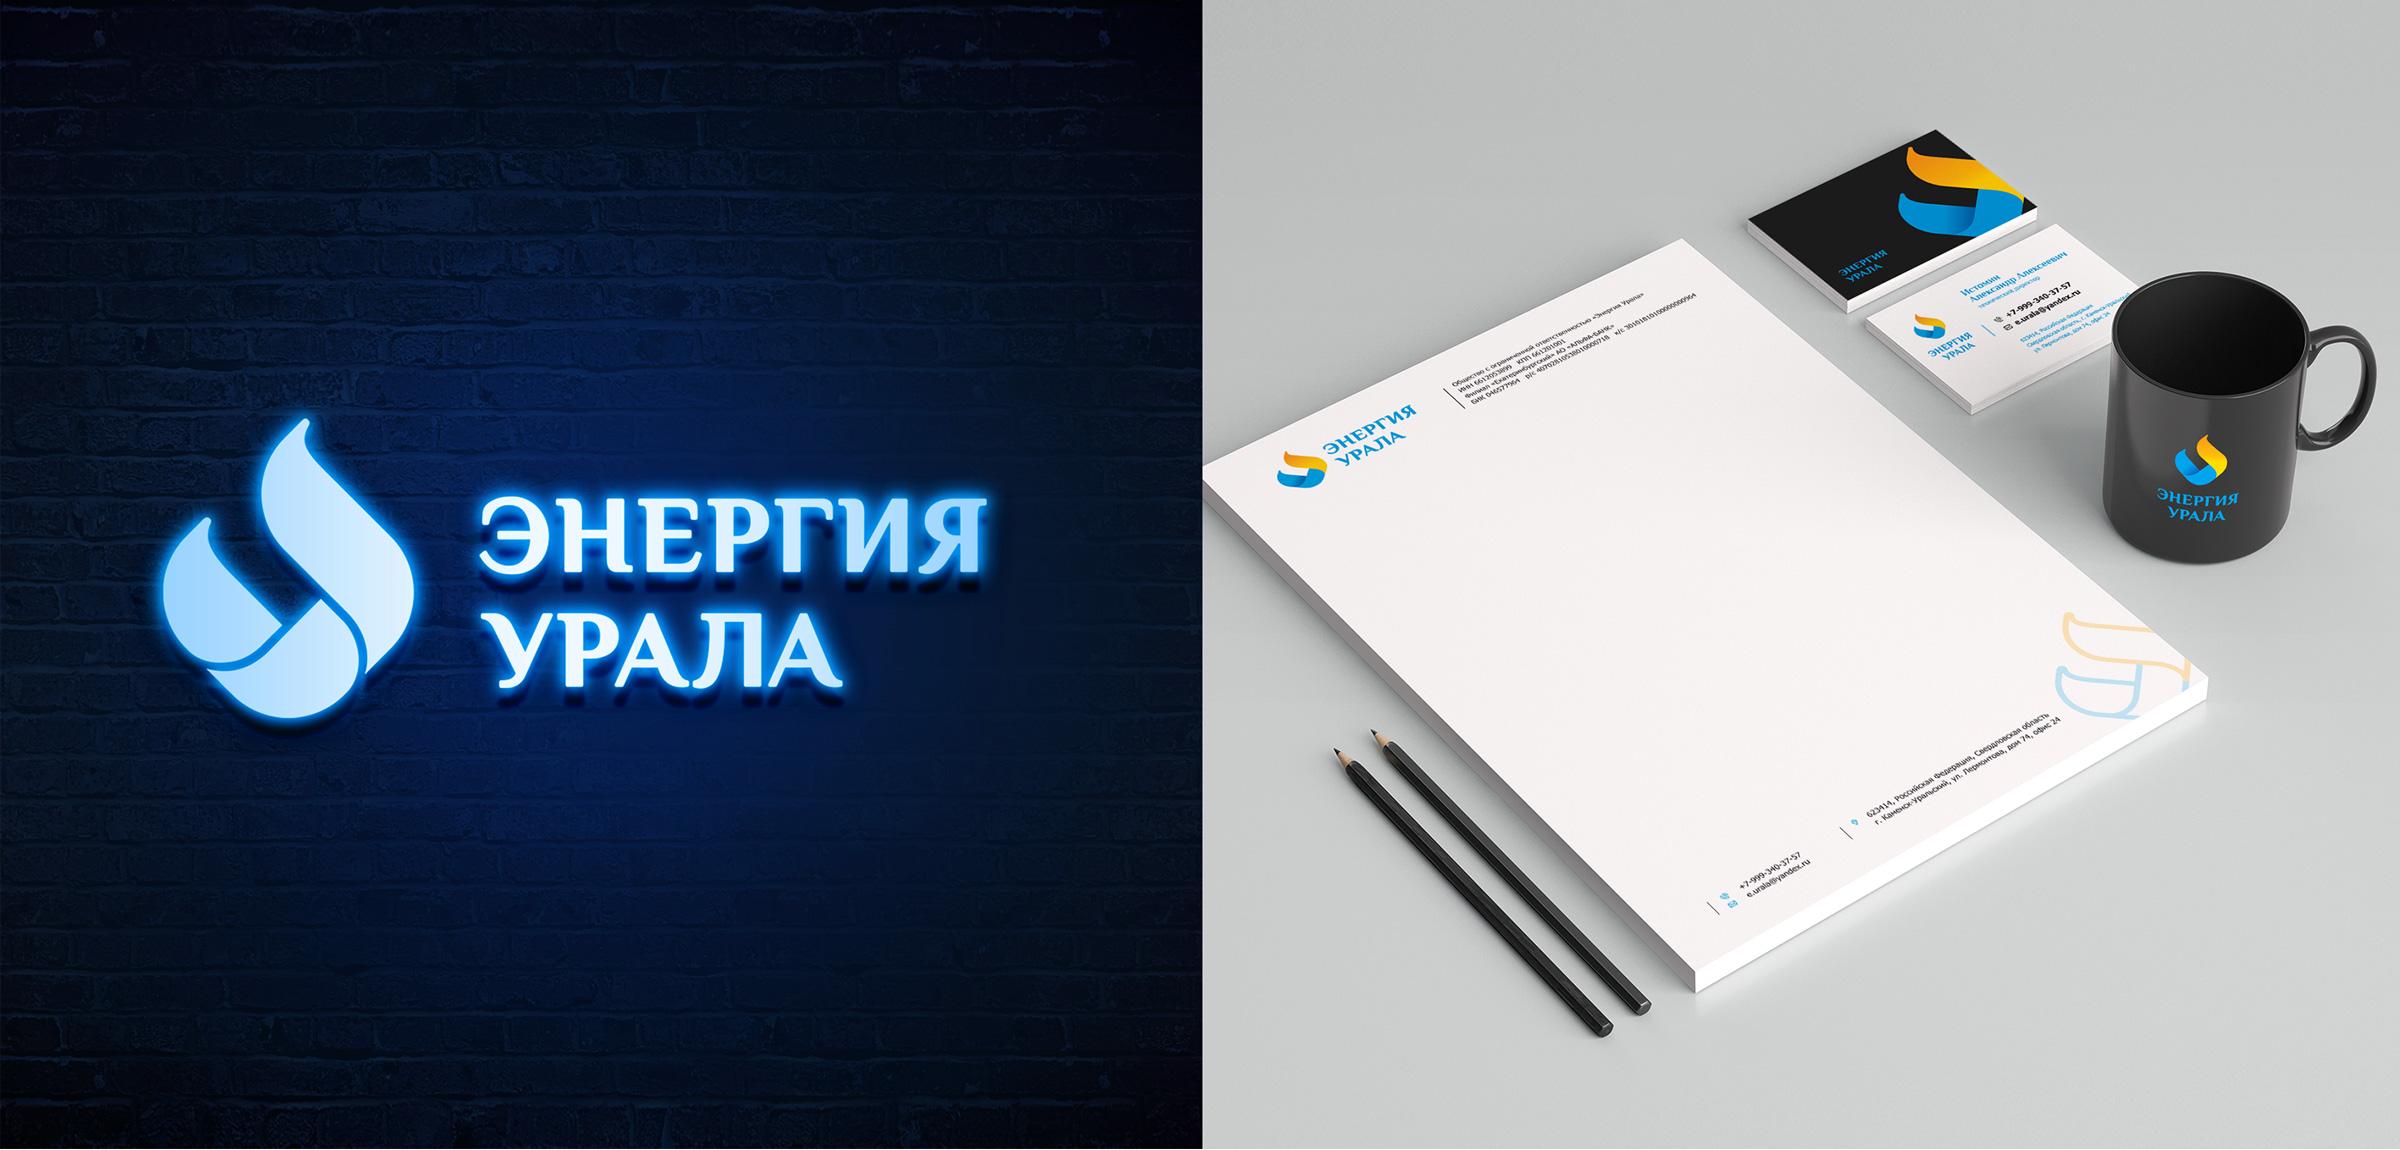 Разработка фирменного стиля «Энергия Урала»